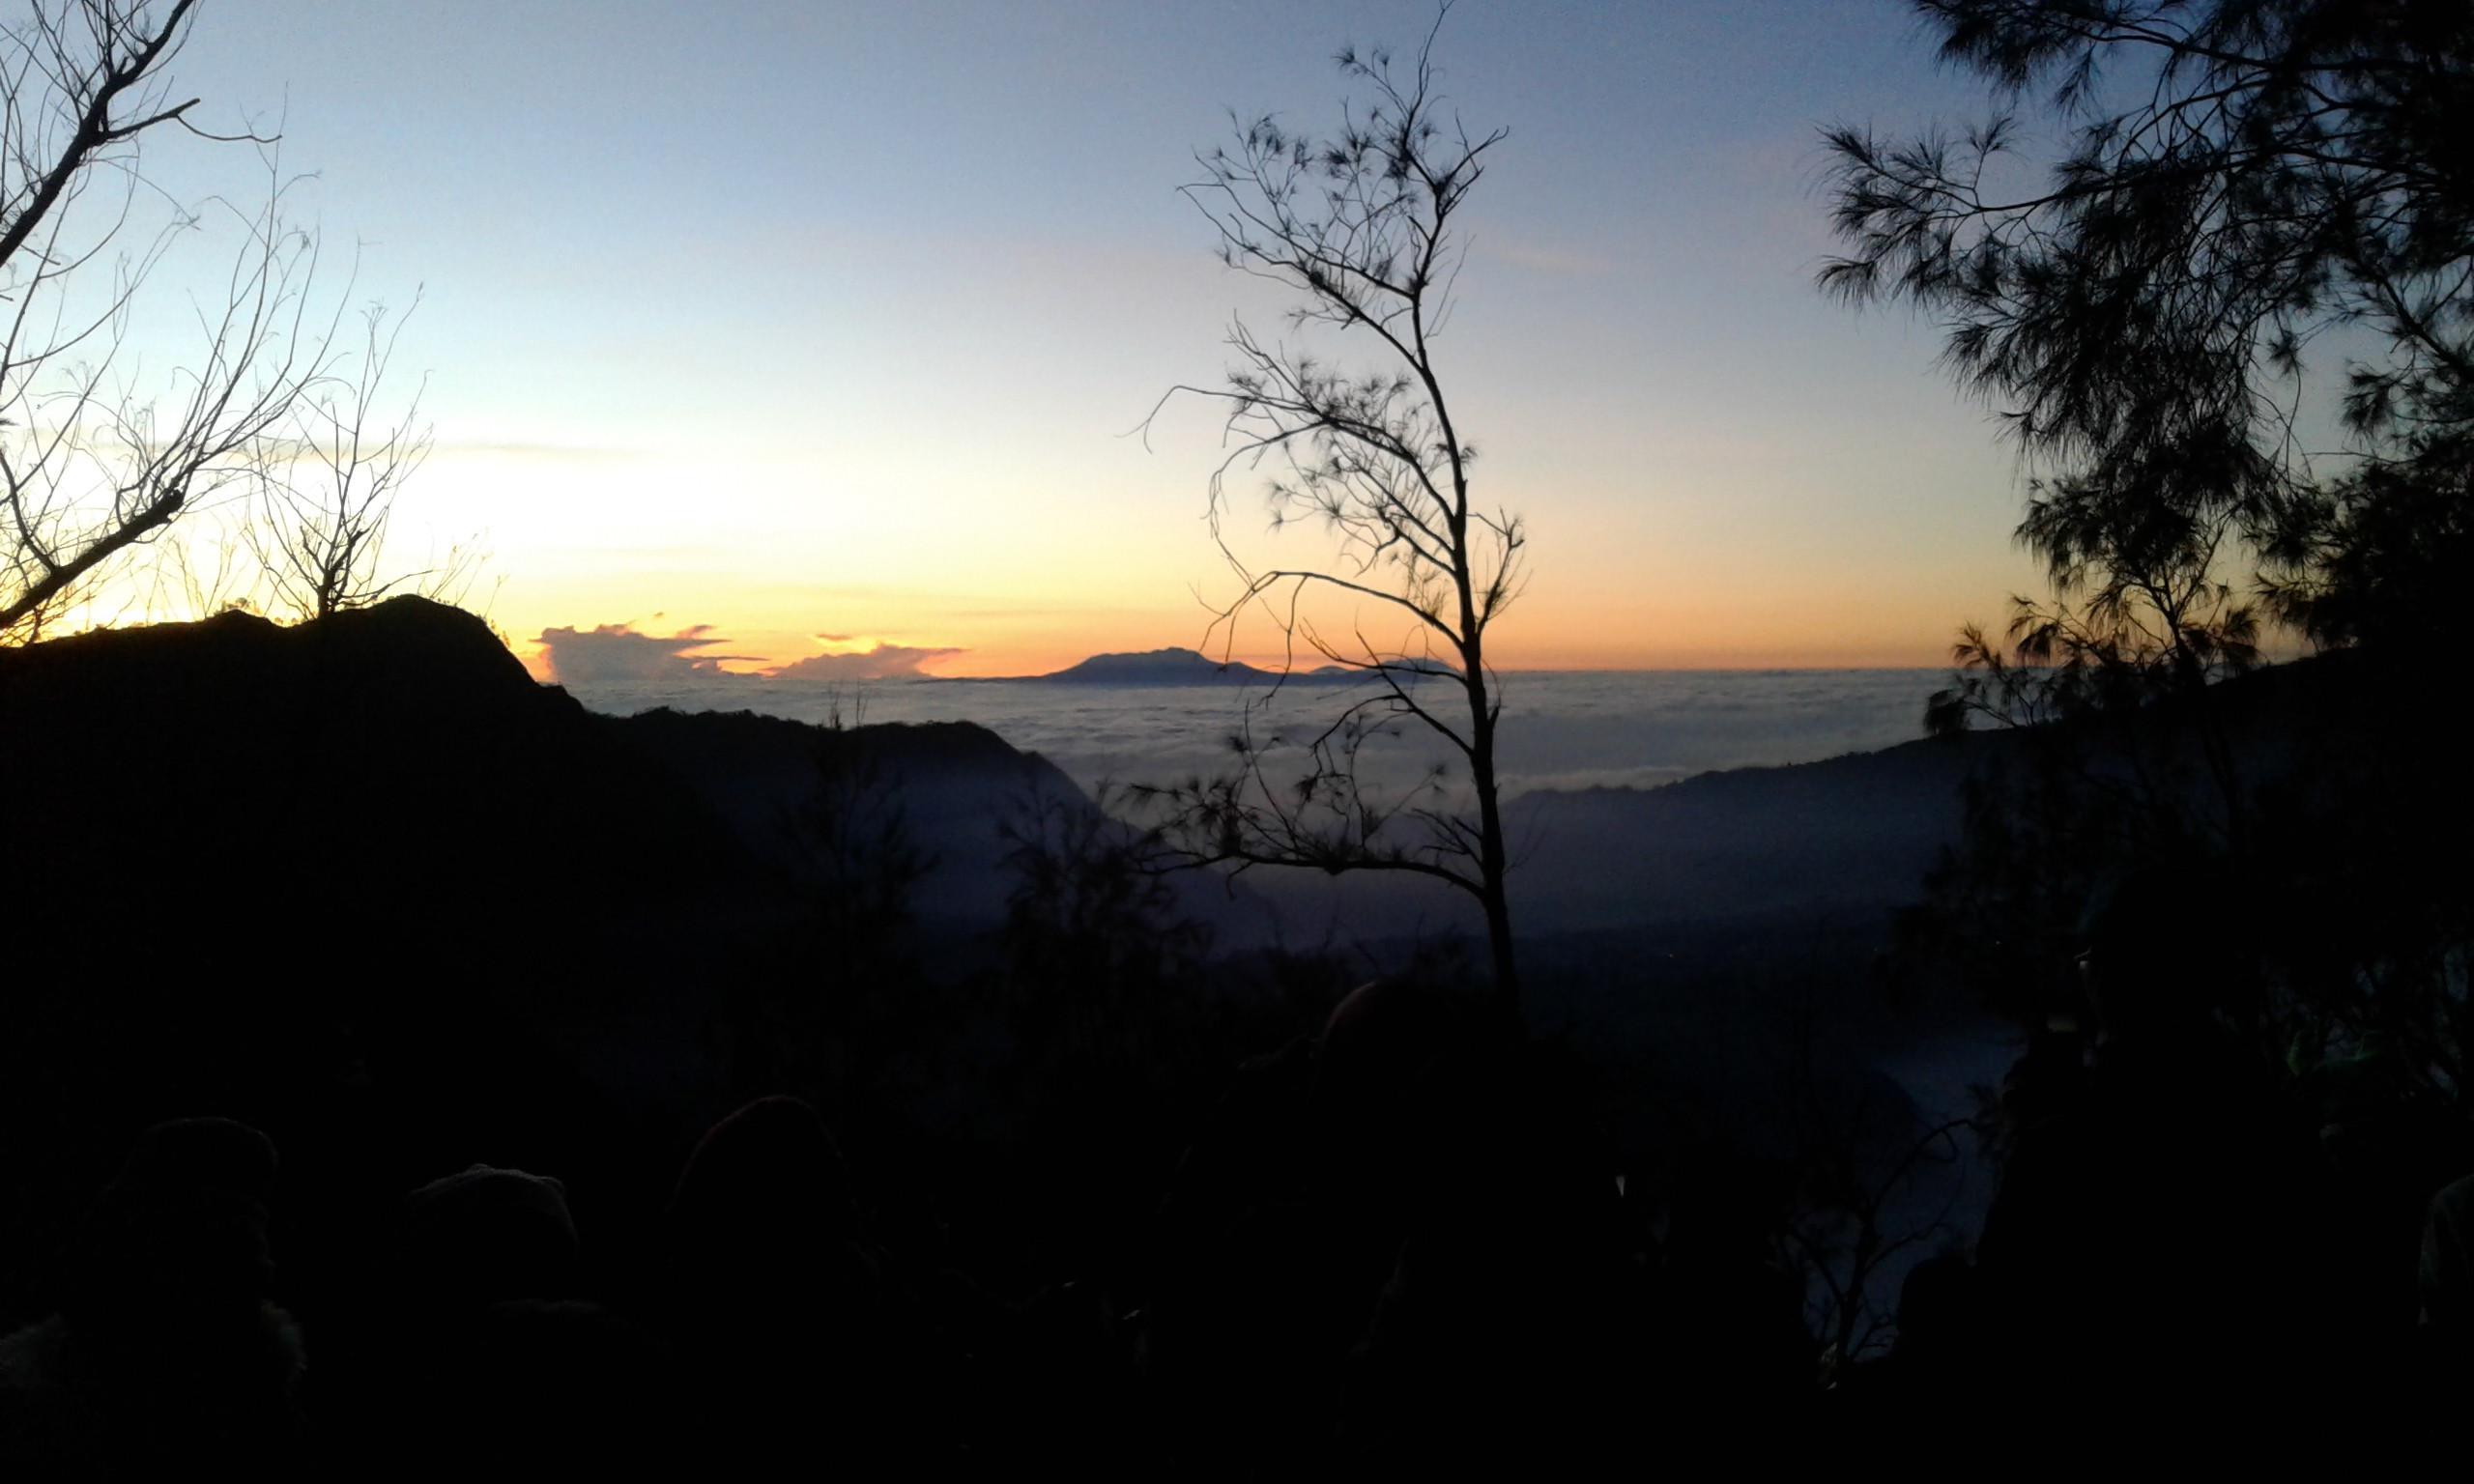 Pemandangan matahari terbit di kawasan Bromo (Liputan6.com / Harun Mahbub)